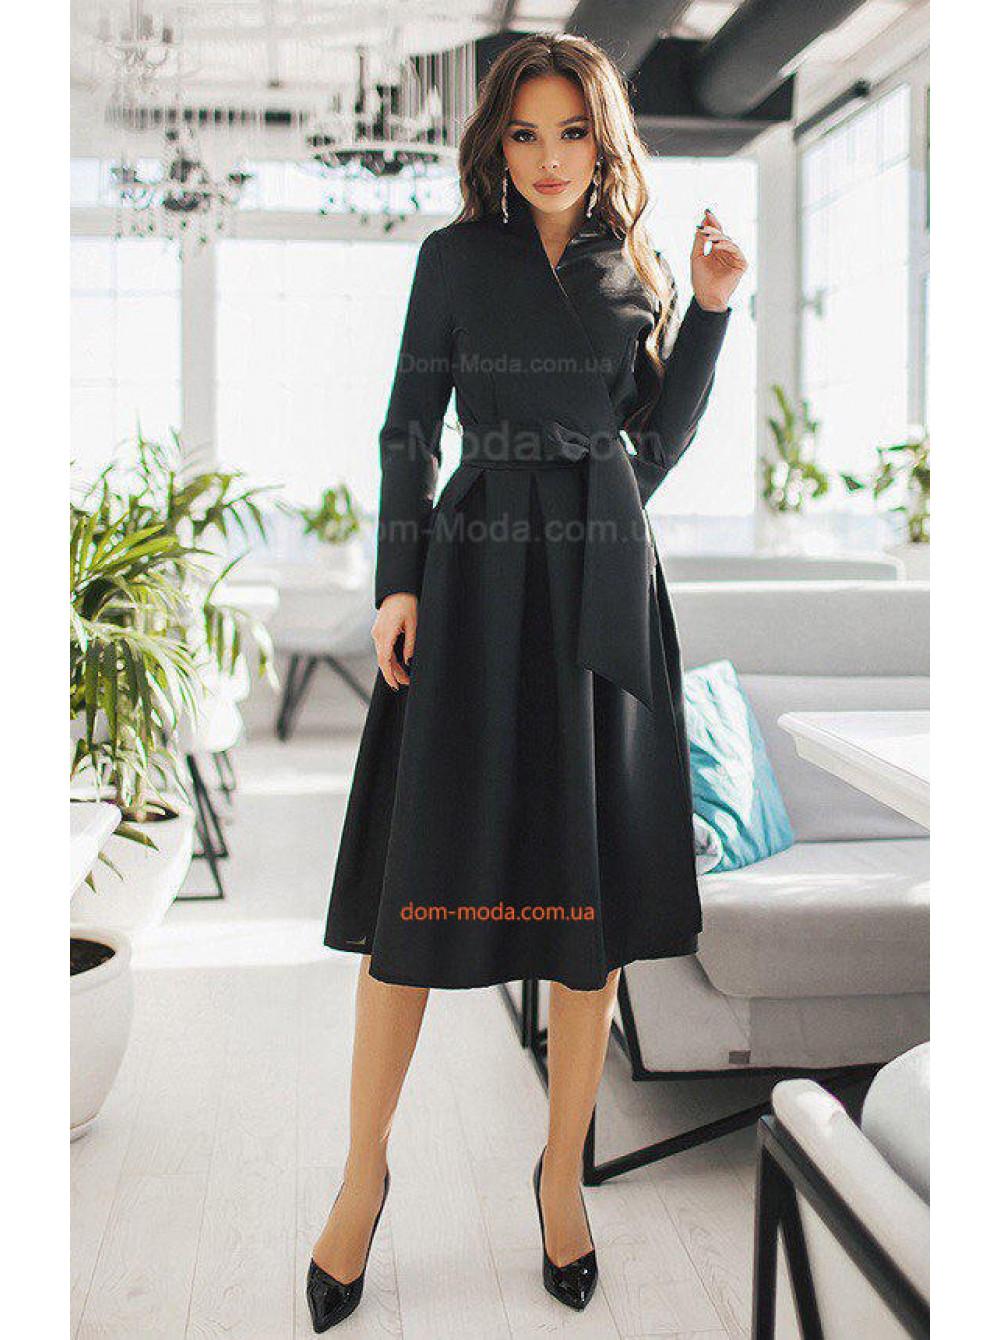 Коротка сукня халат у діловому стилі купити за 480 грн SF-8739 в ... 8dcbeb6539a9c